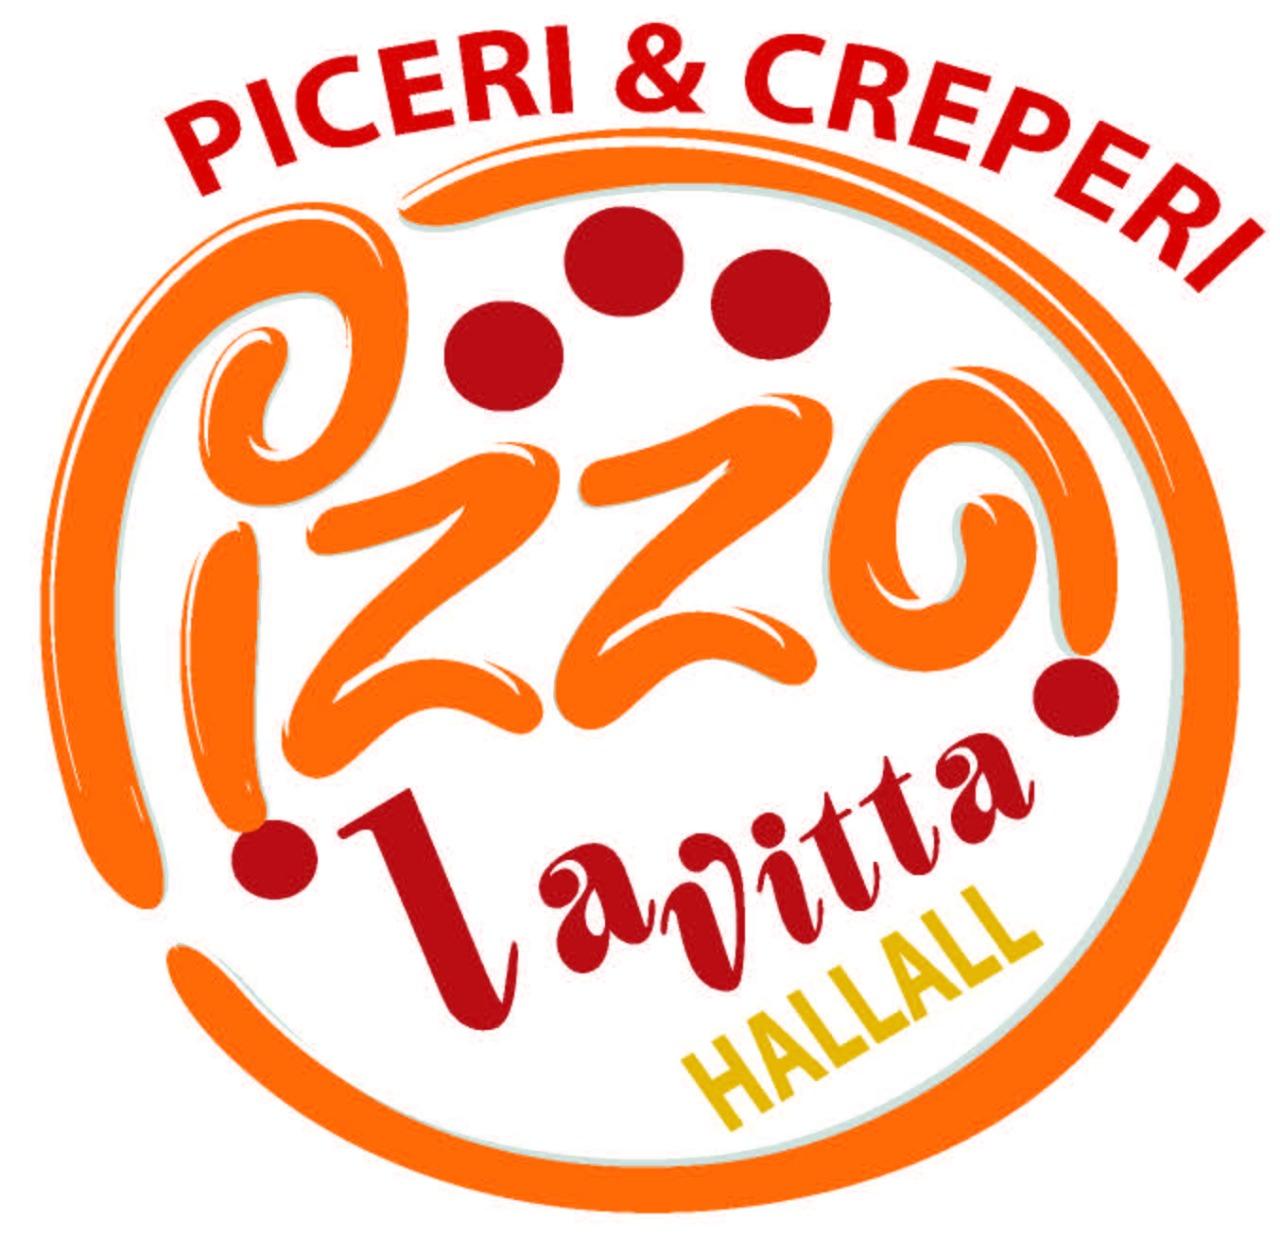 Pizza Hallall La Vitta